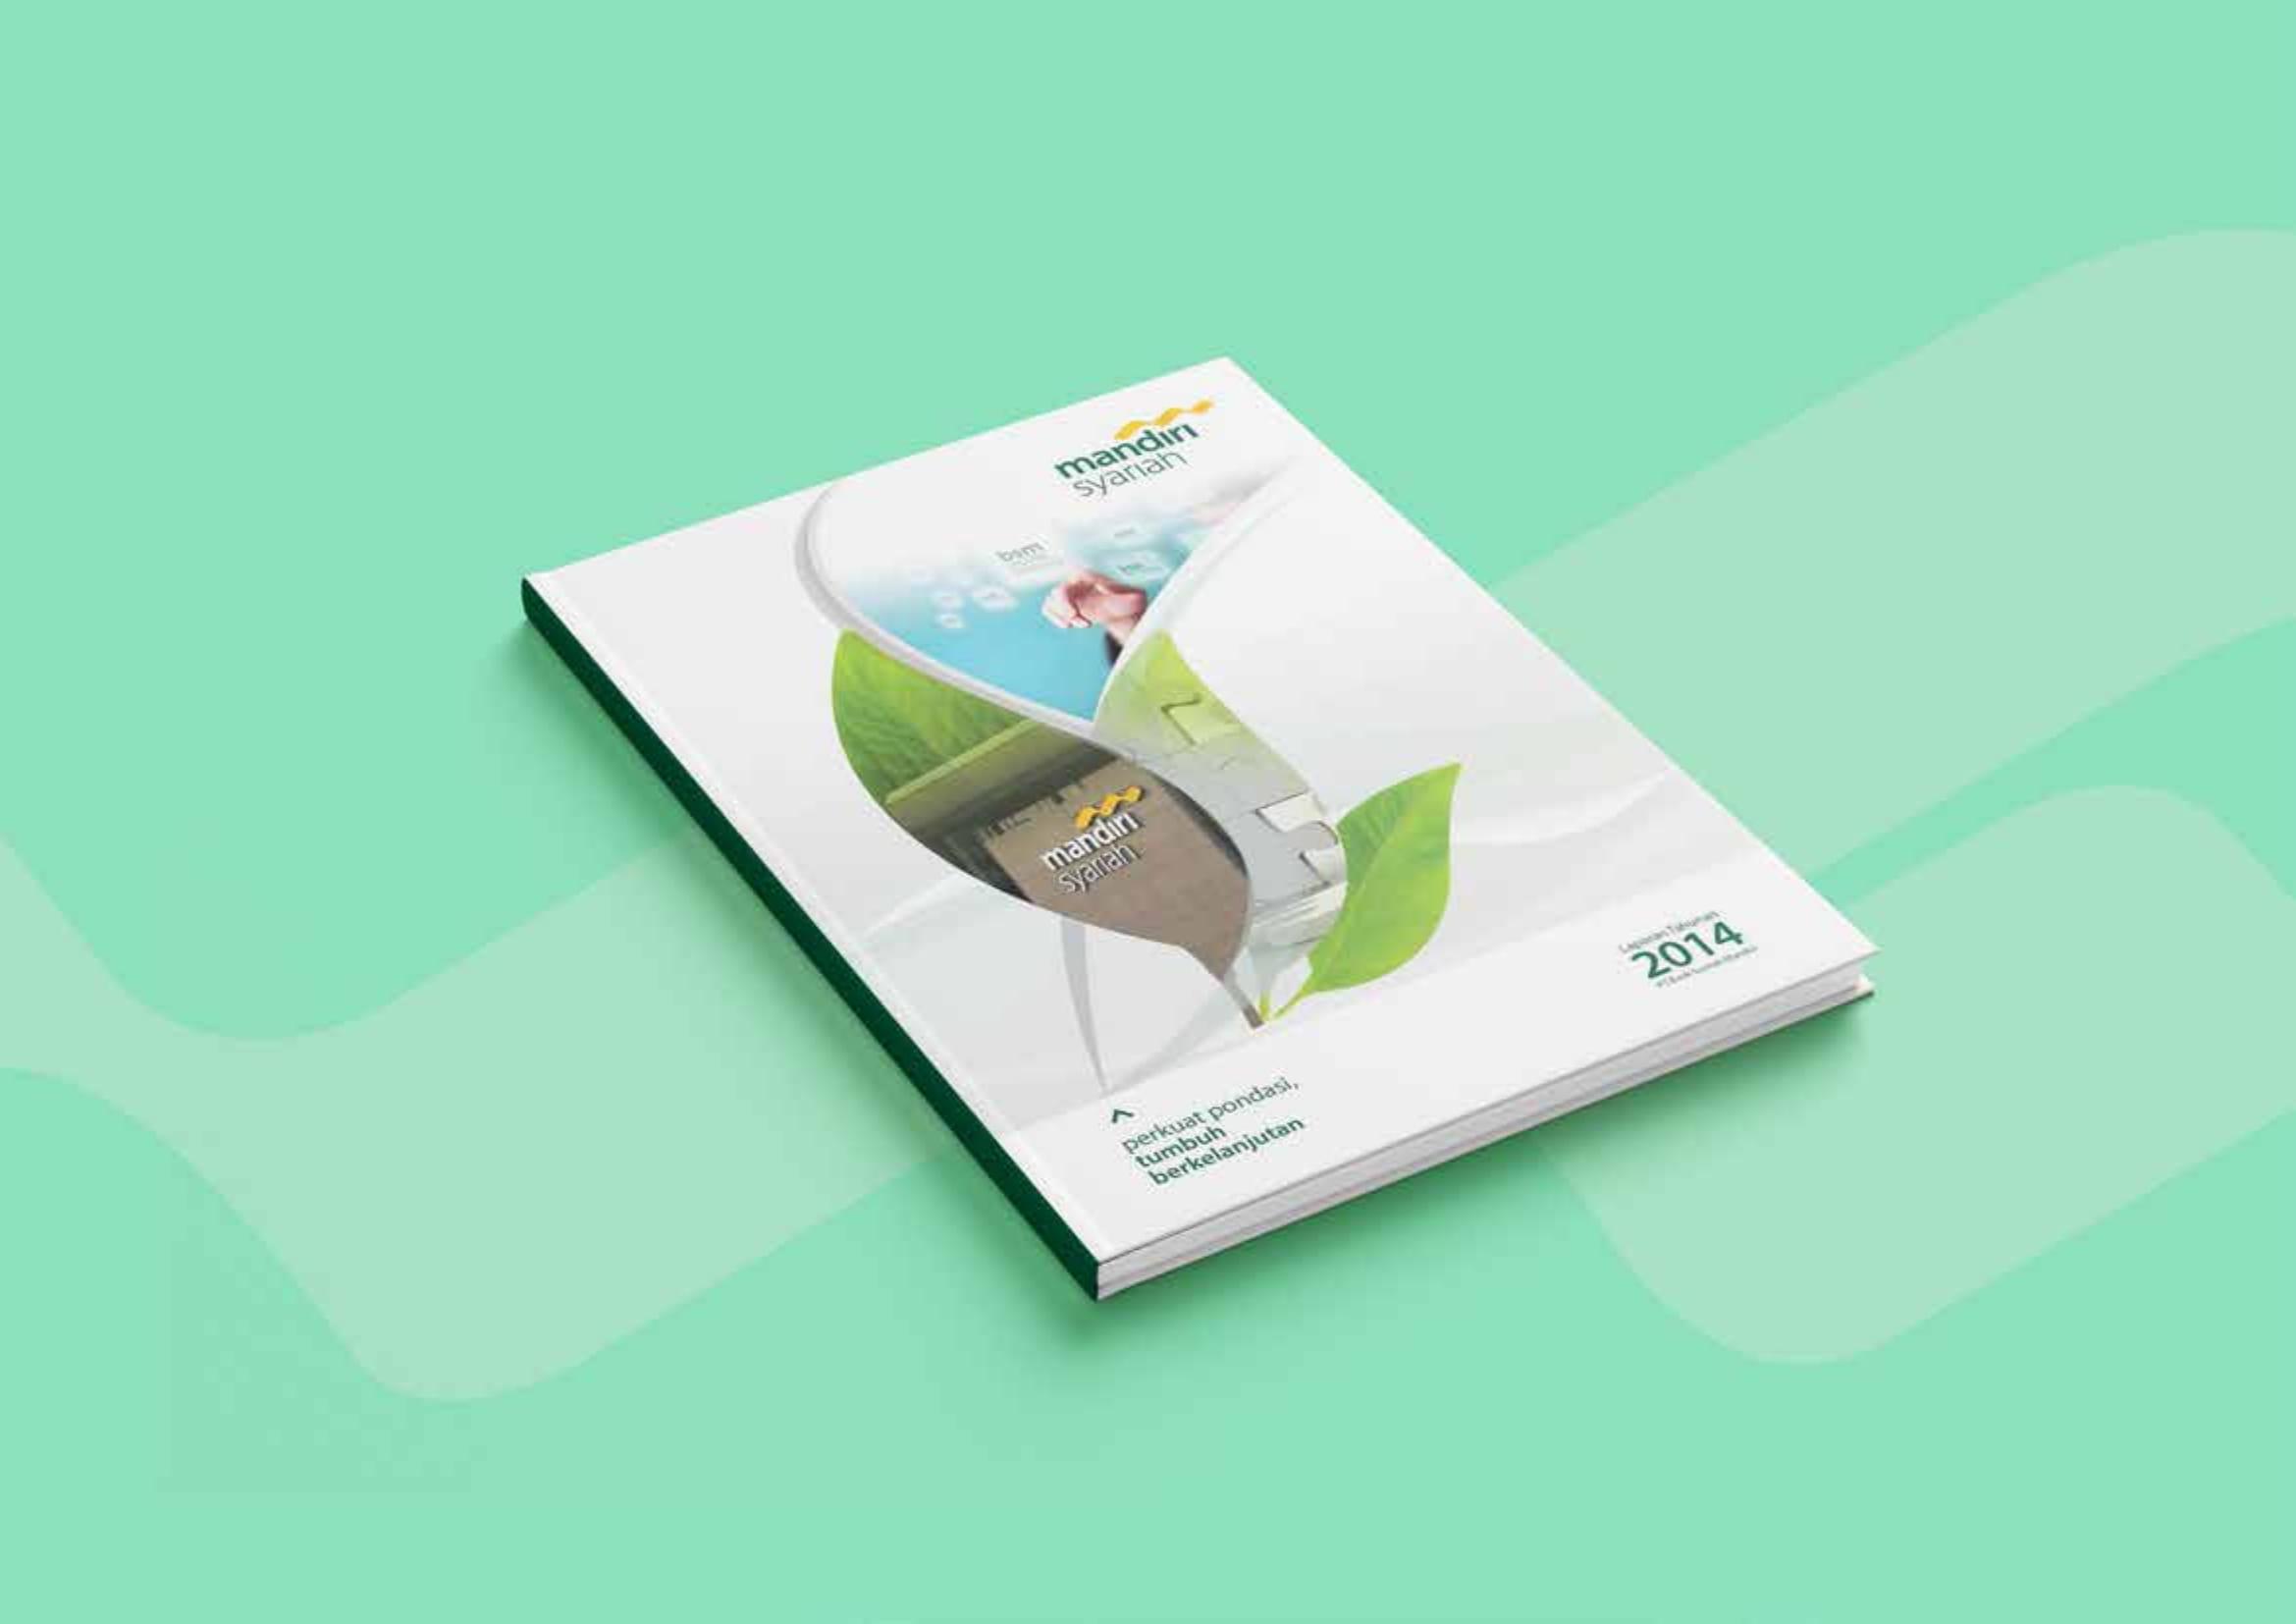 Jasa Desain Annual Report Perusahaan Bank Syariah Mandiri 2014 01